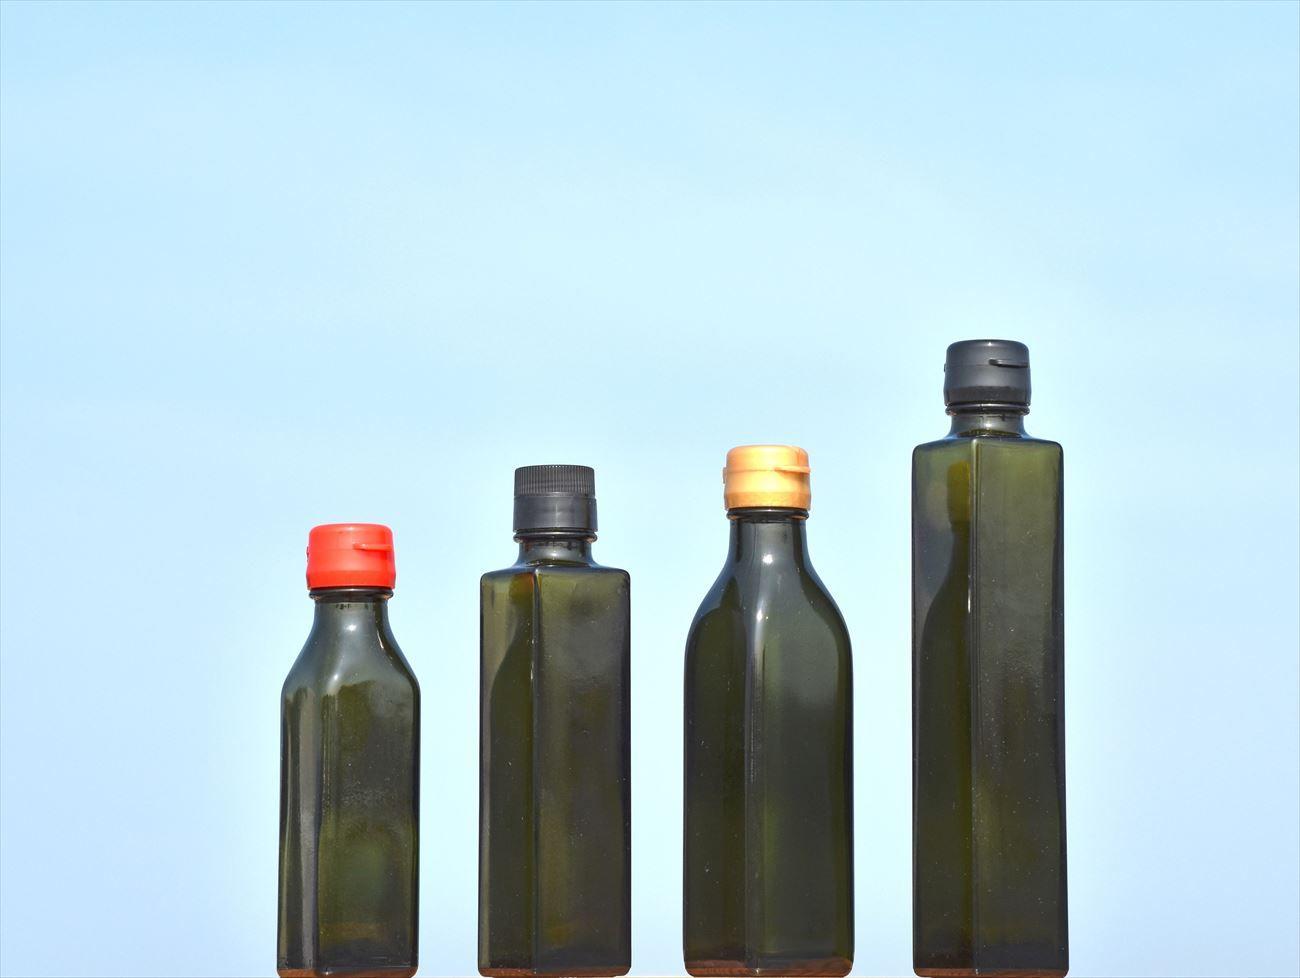 ちゅうくうwebSHOP店番日記 : 調味料瓶に遮光瓶を追加いたしました